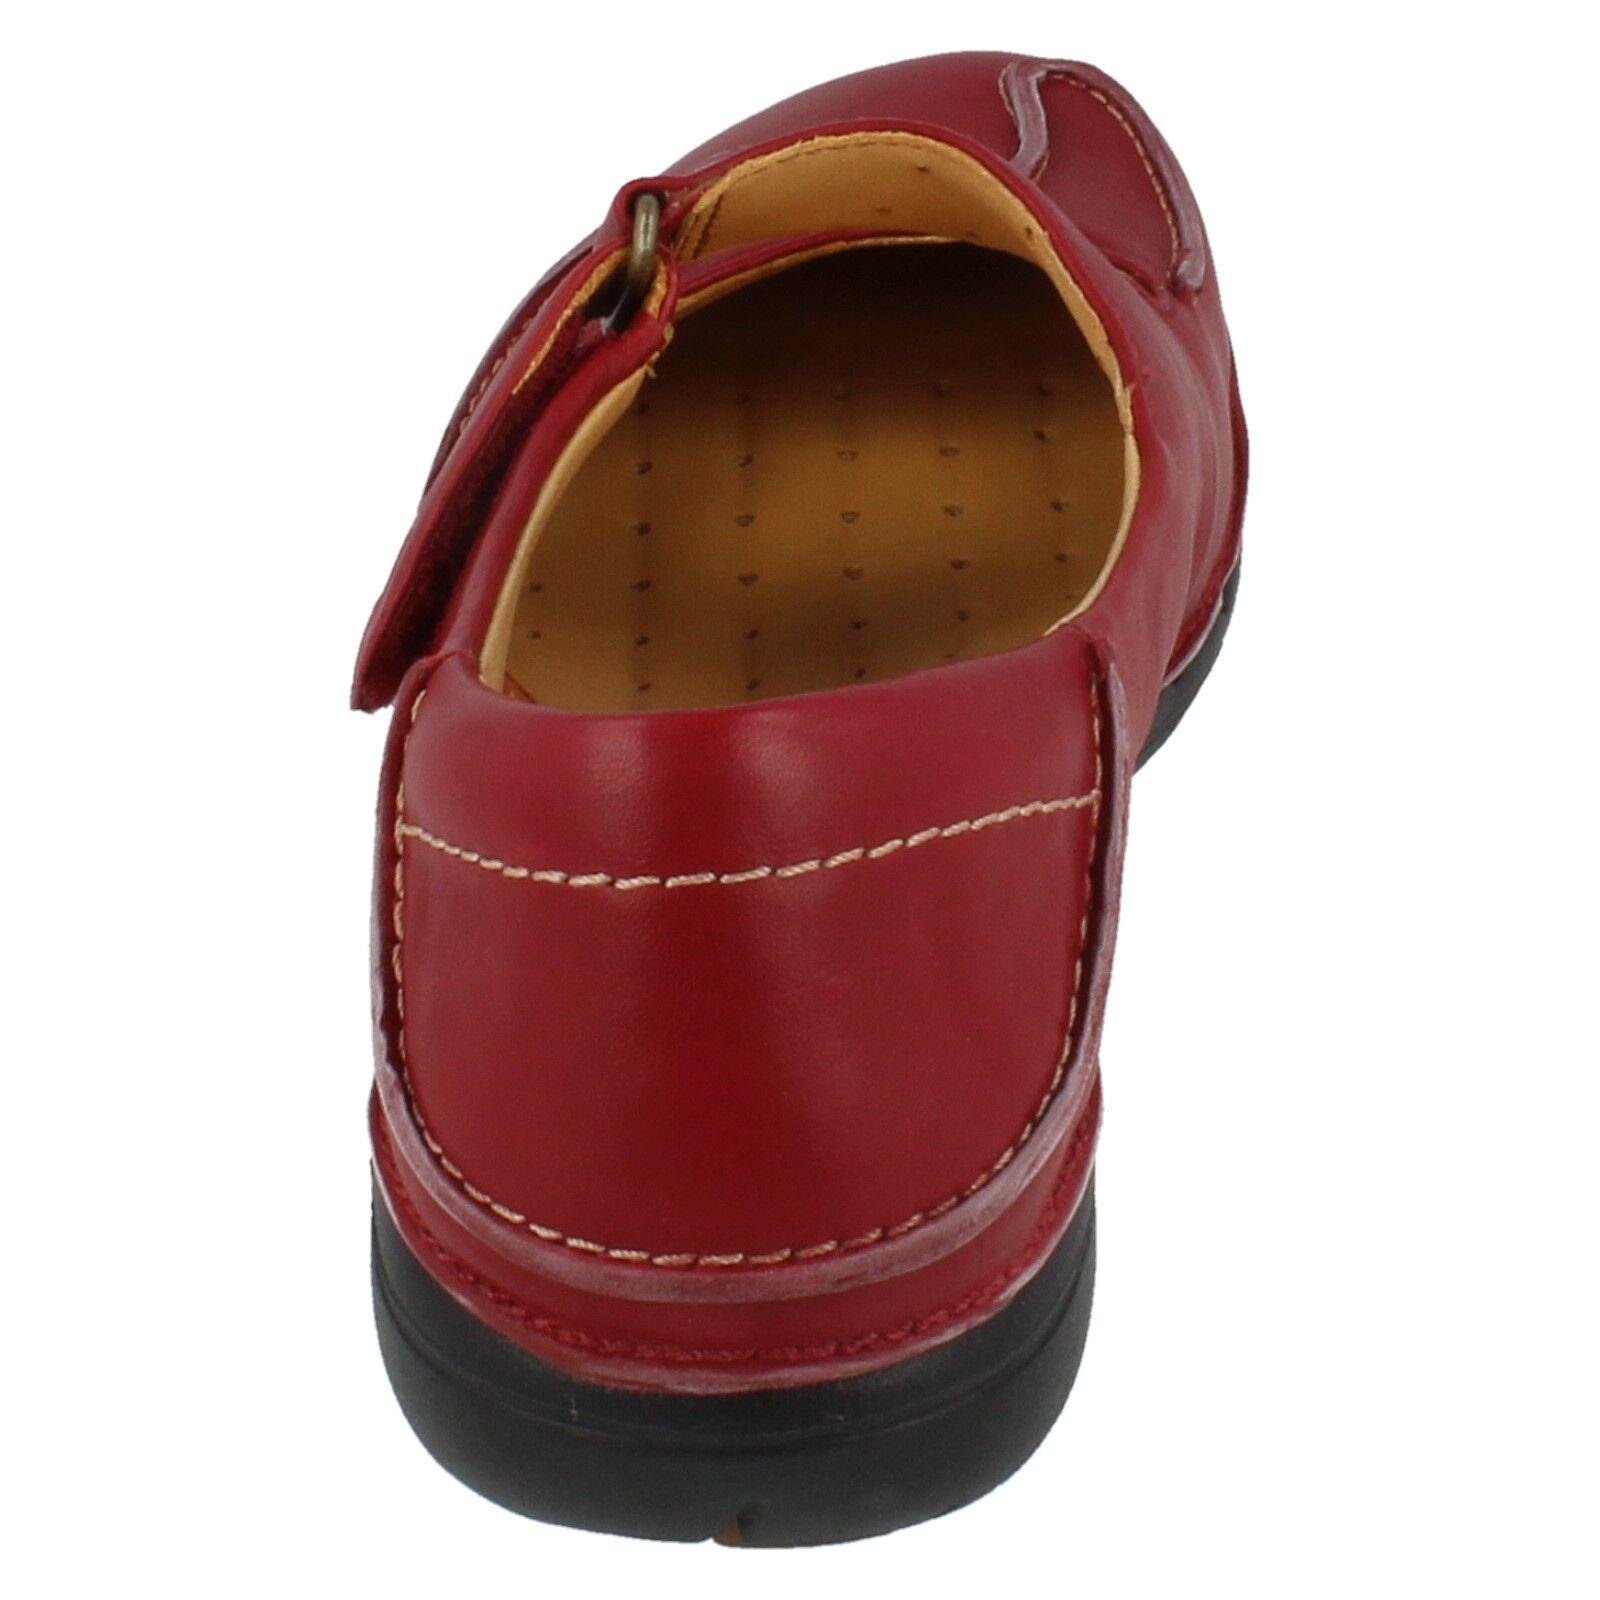 Ladies Clarks Clarks Clarks Unstructured Claret Leather Hook & Loop  shoes UN GLITTER D Fit 215324